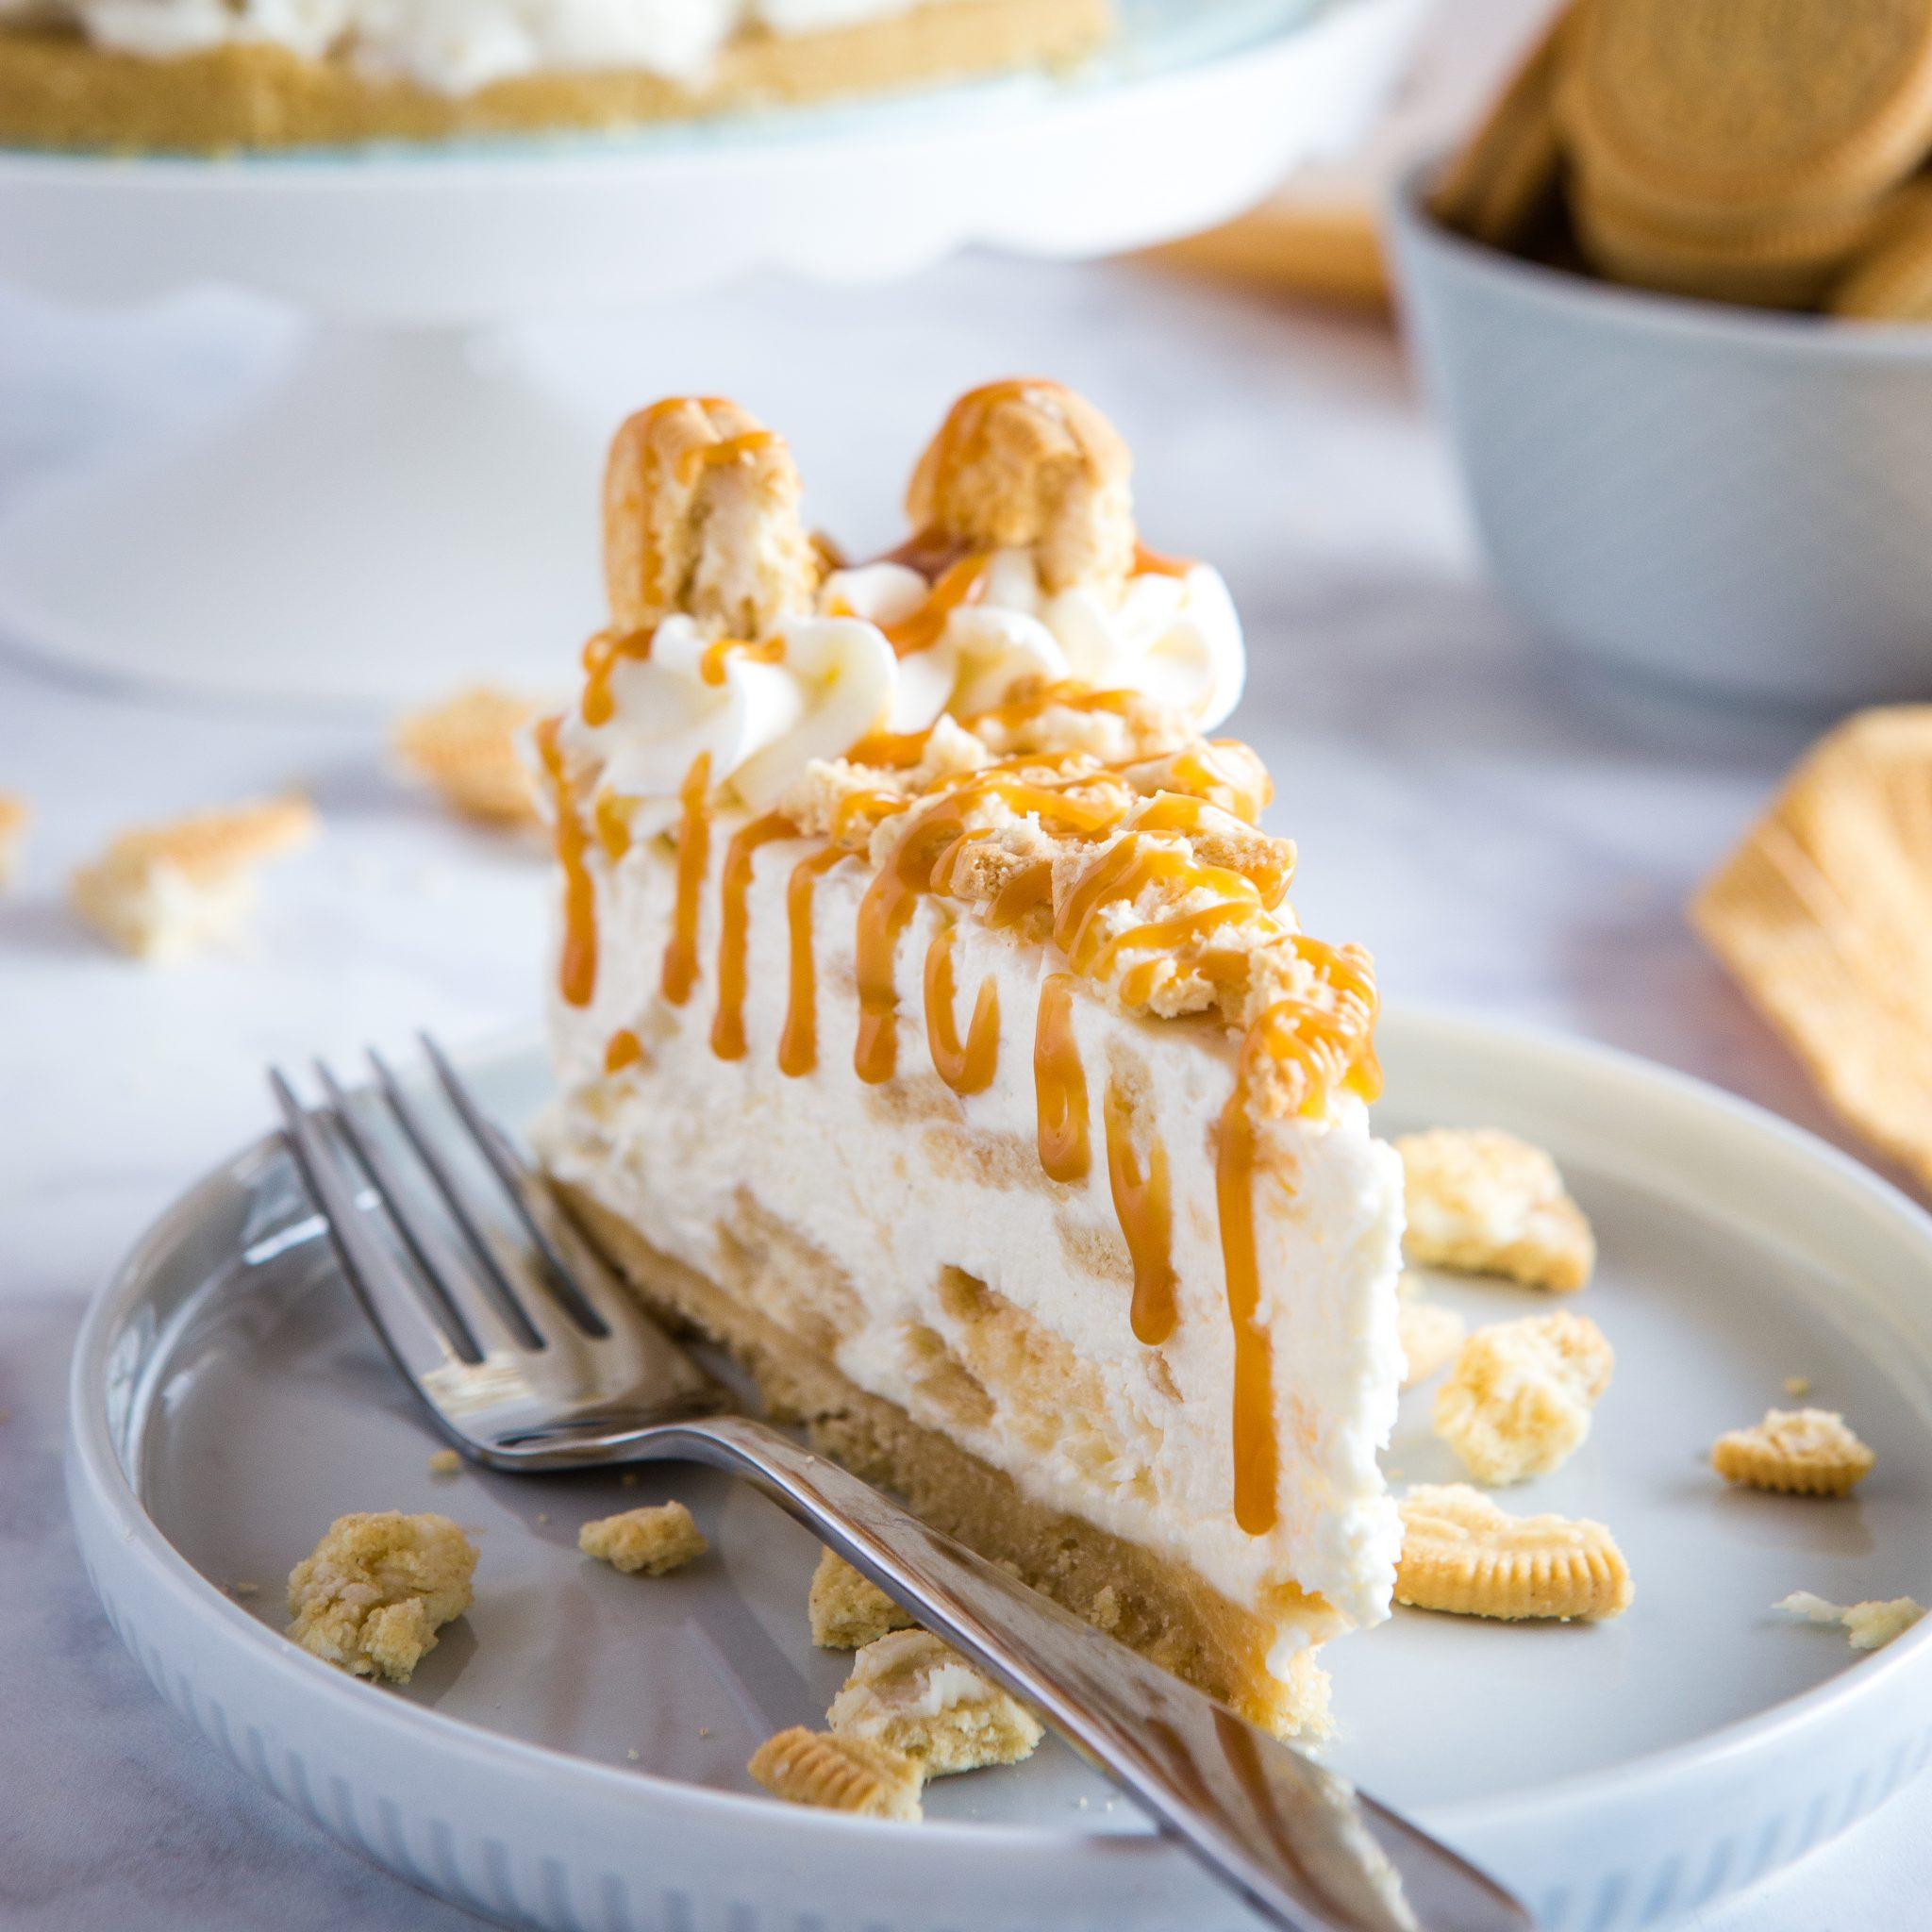 No Bake Golden Oreo Cheesecake The Busy Baker